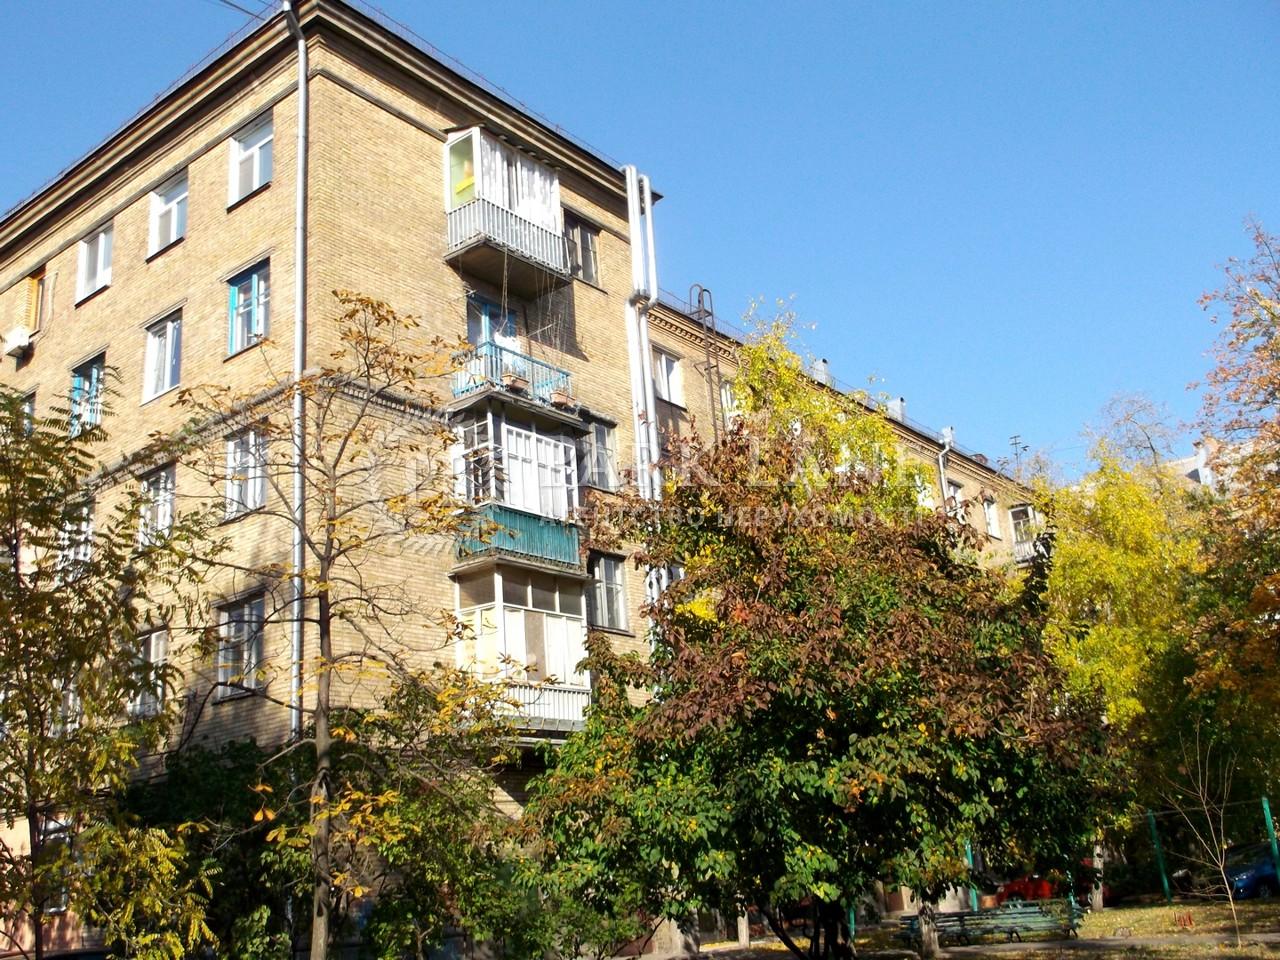 Квартира вул. Попудренка, 26/9, Київ, D-35680 - Фото 1